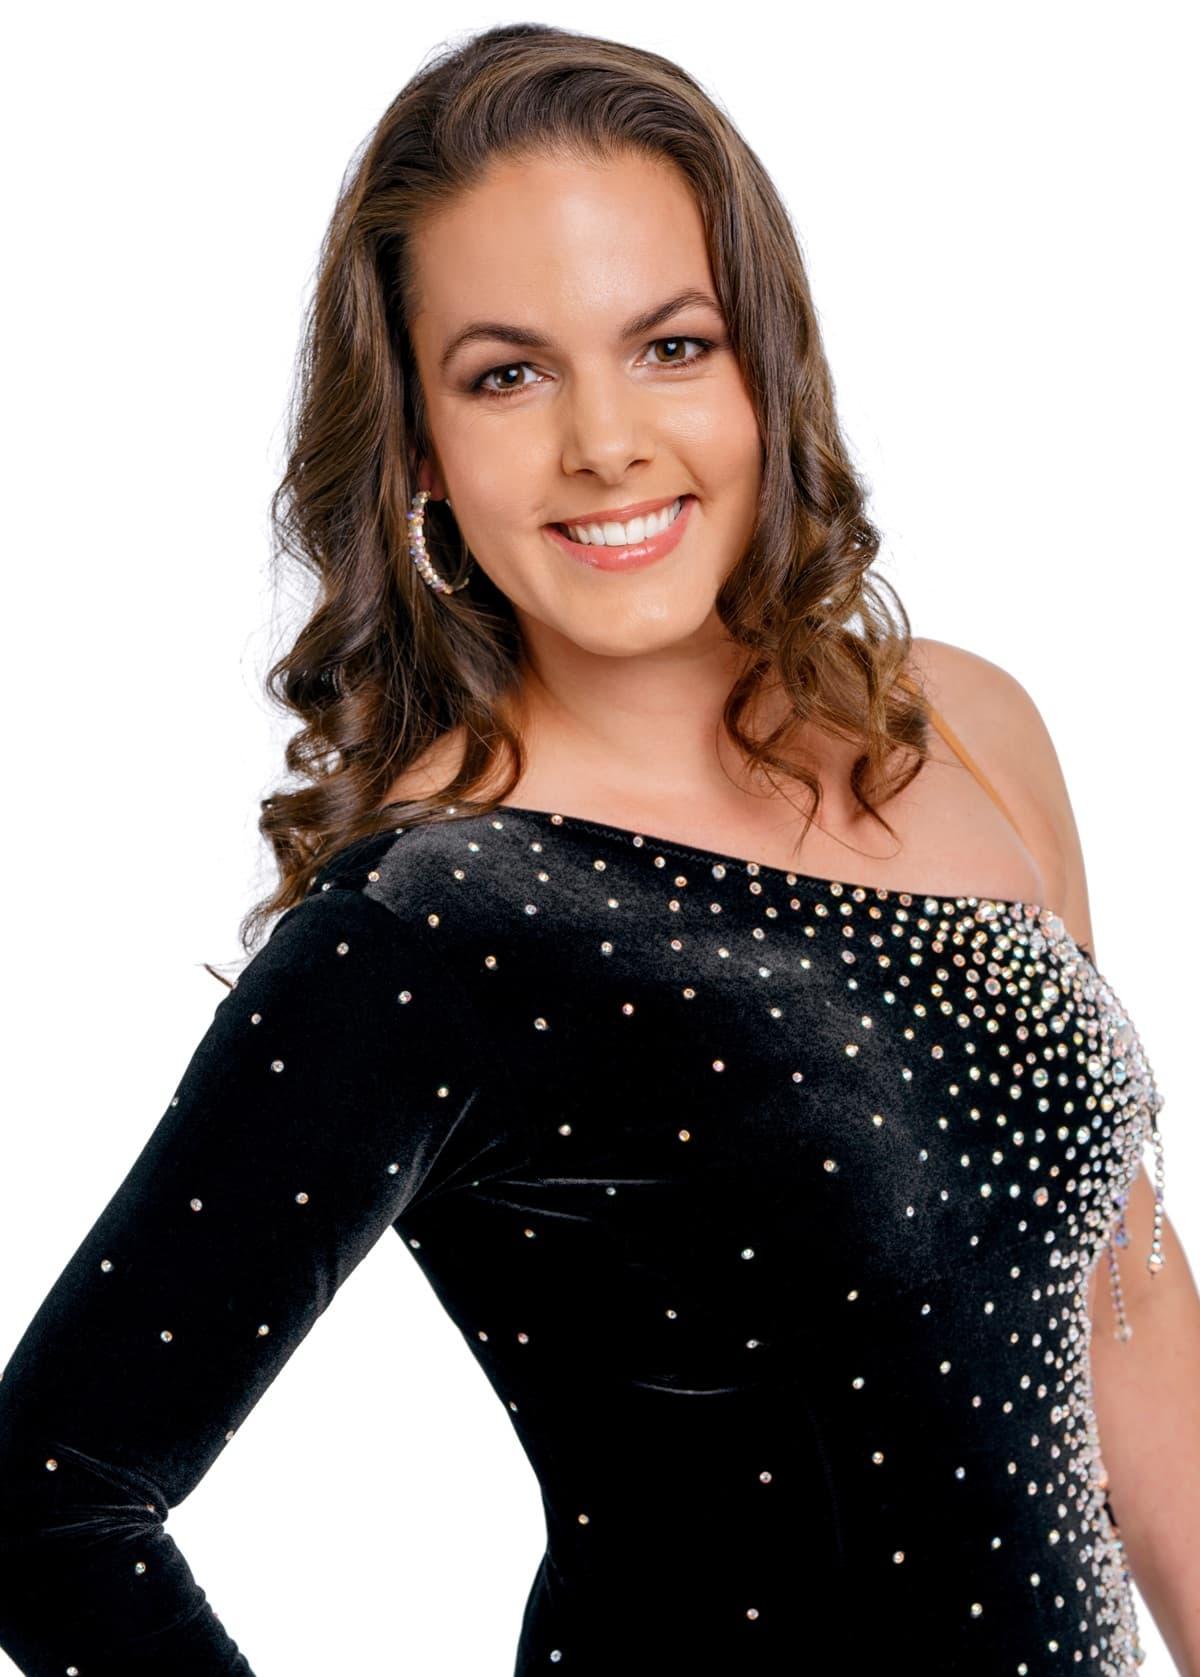 Roswitha Wieland als Profitänzerin bei den Dancing Stars 2019